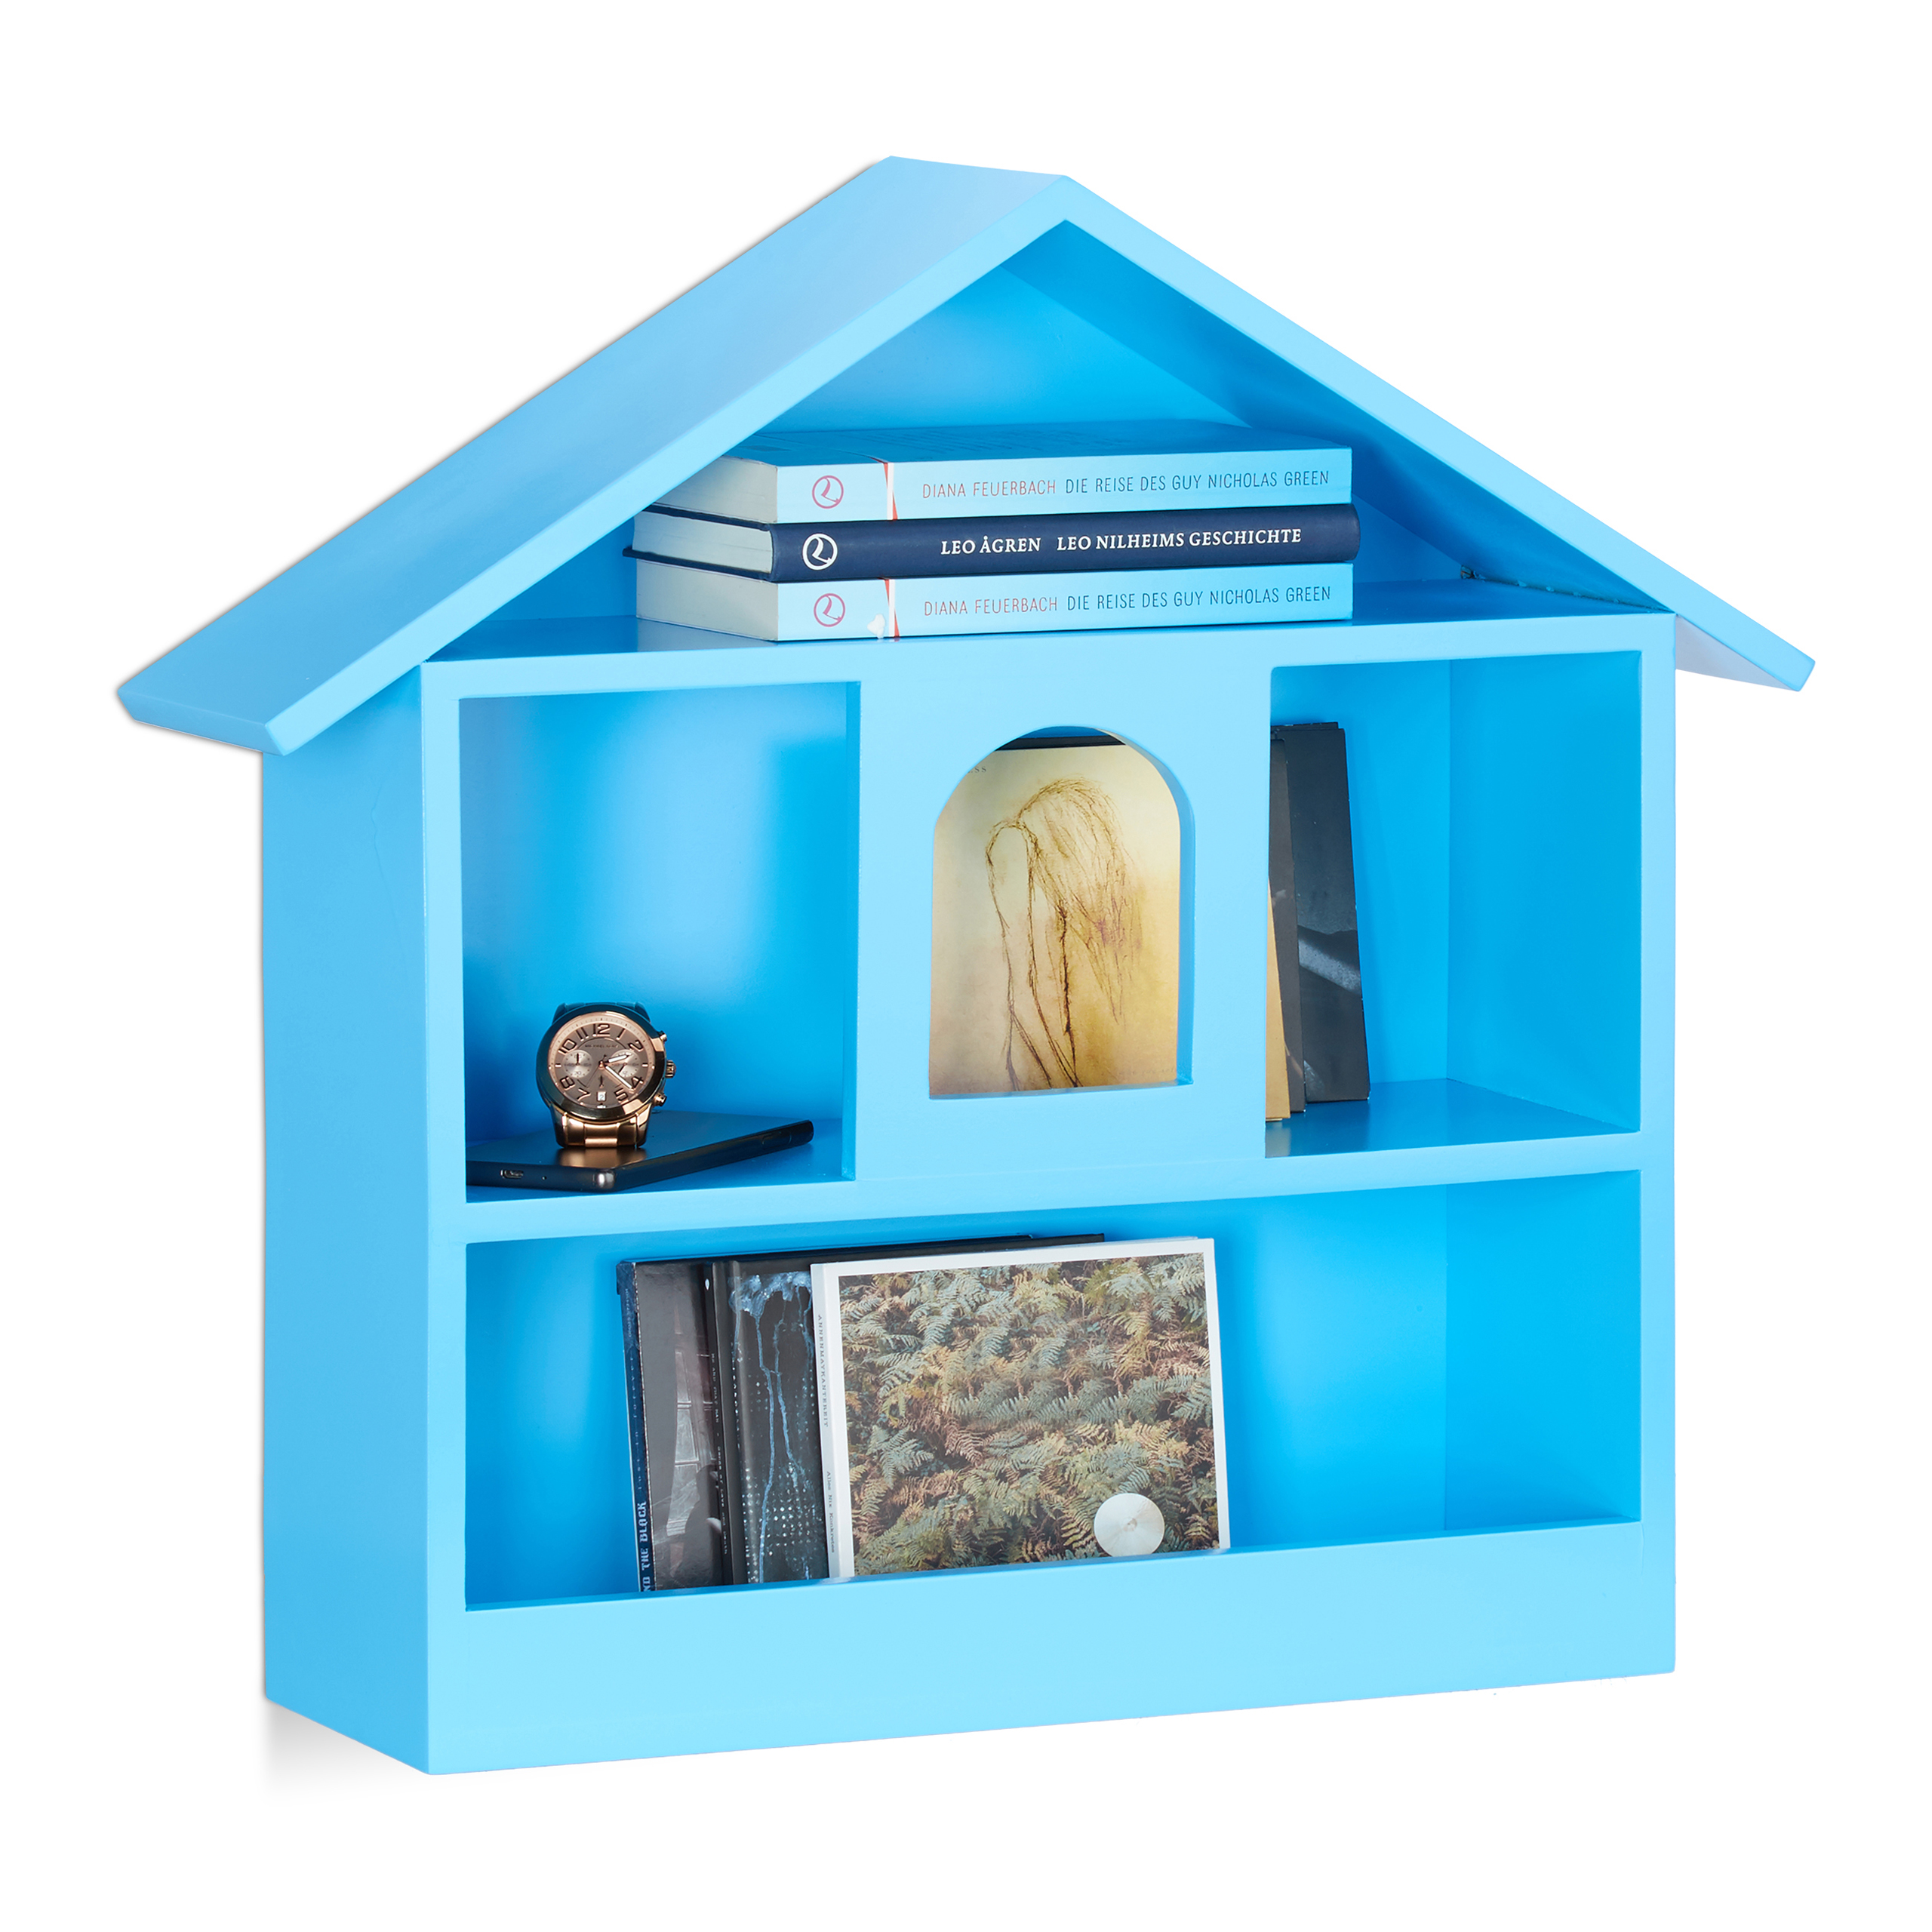 Wandablage Wandregal Hausform Schaukasten Setzkasten Dekoregal MDF Holzhaus